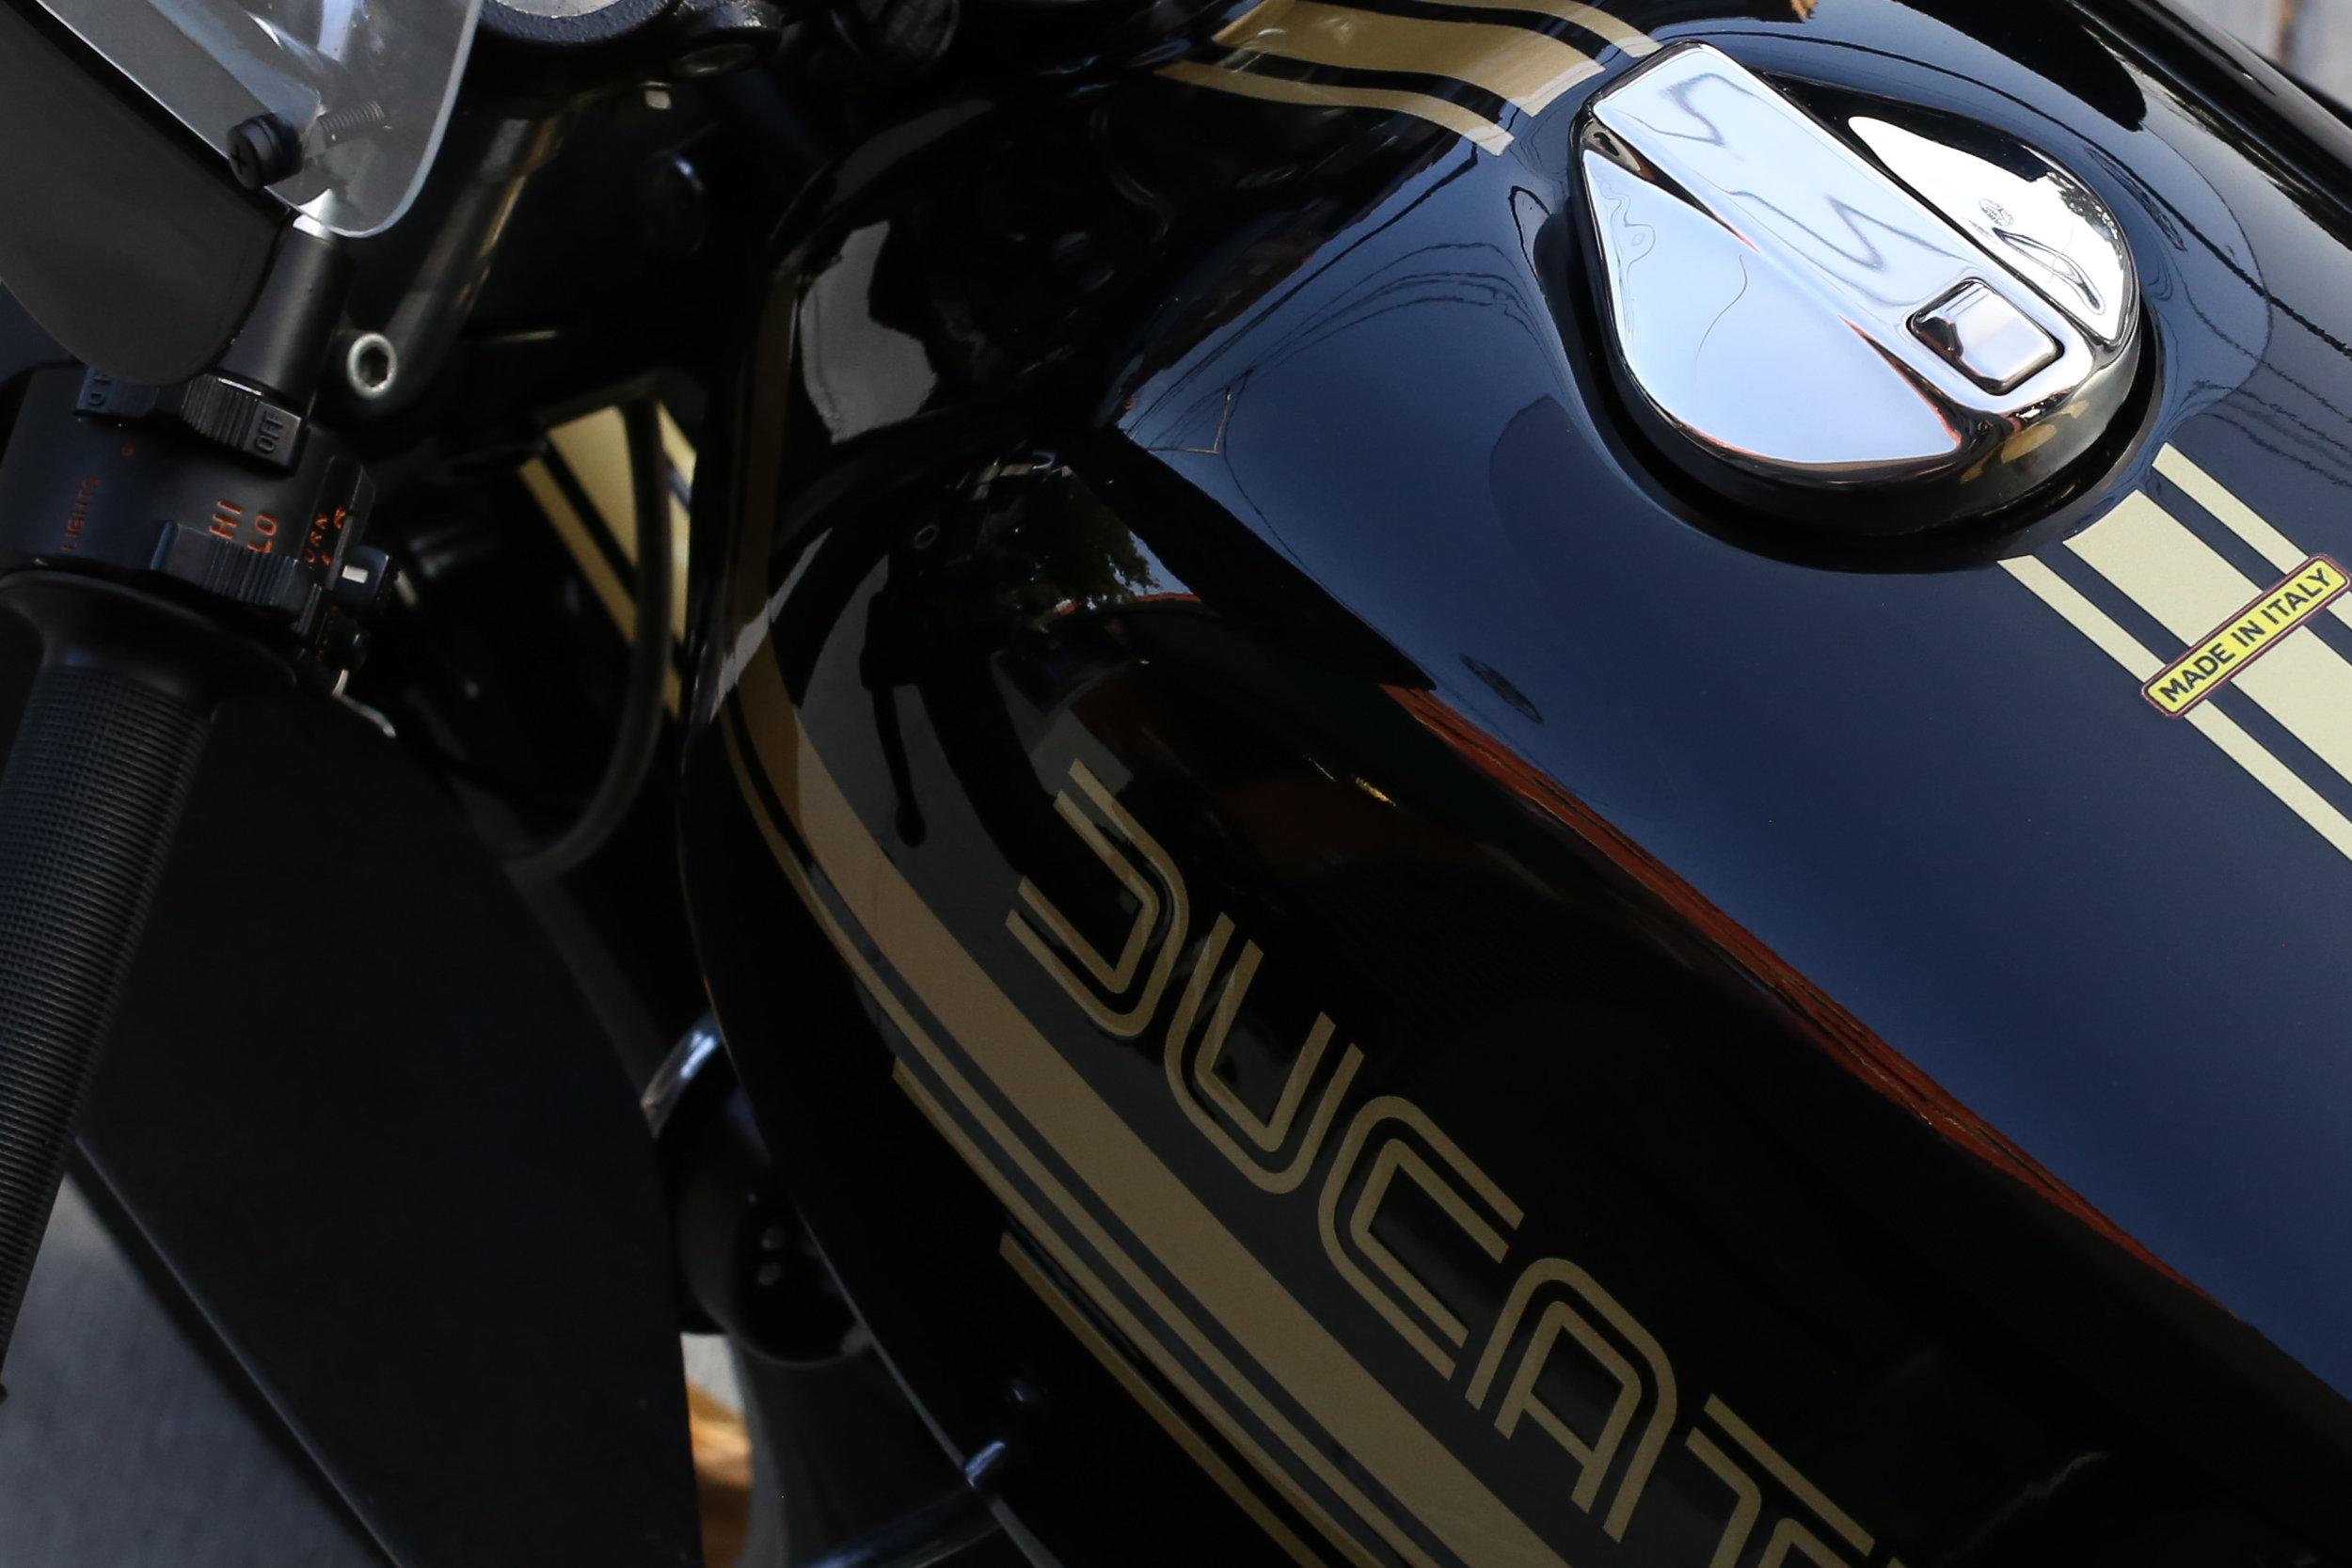 Ducati 900SS tank